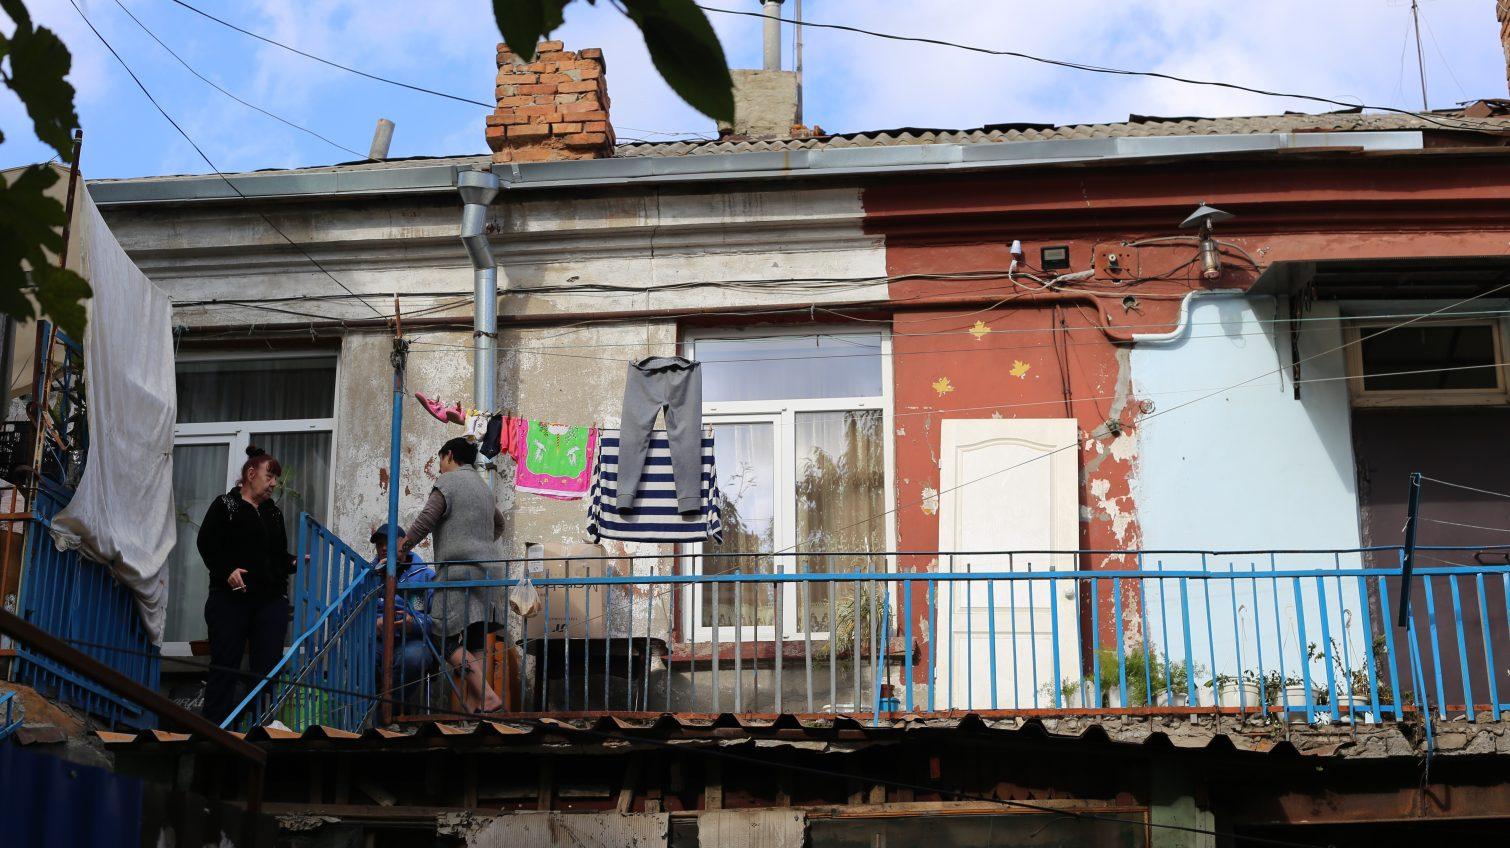 Коммунальщики выселяют жильцов аварийного дома в центре Одессы в гостиницу: те говорят, что без документов (фото) «фото»